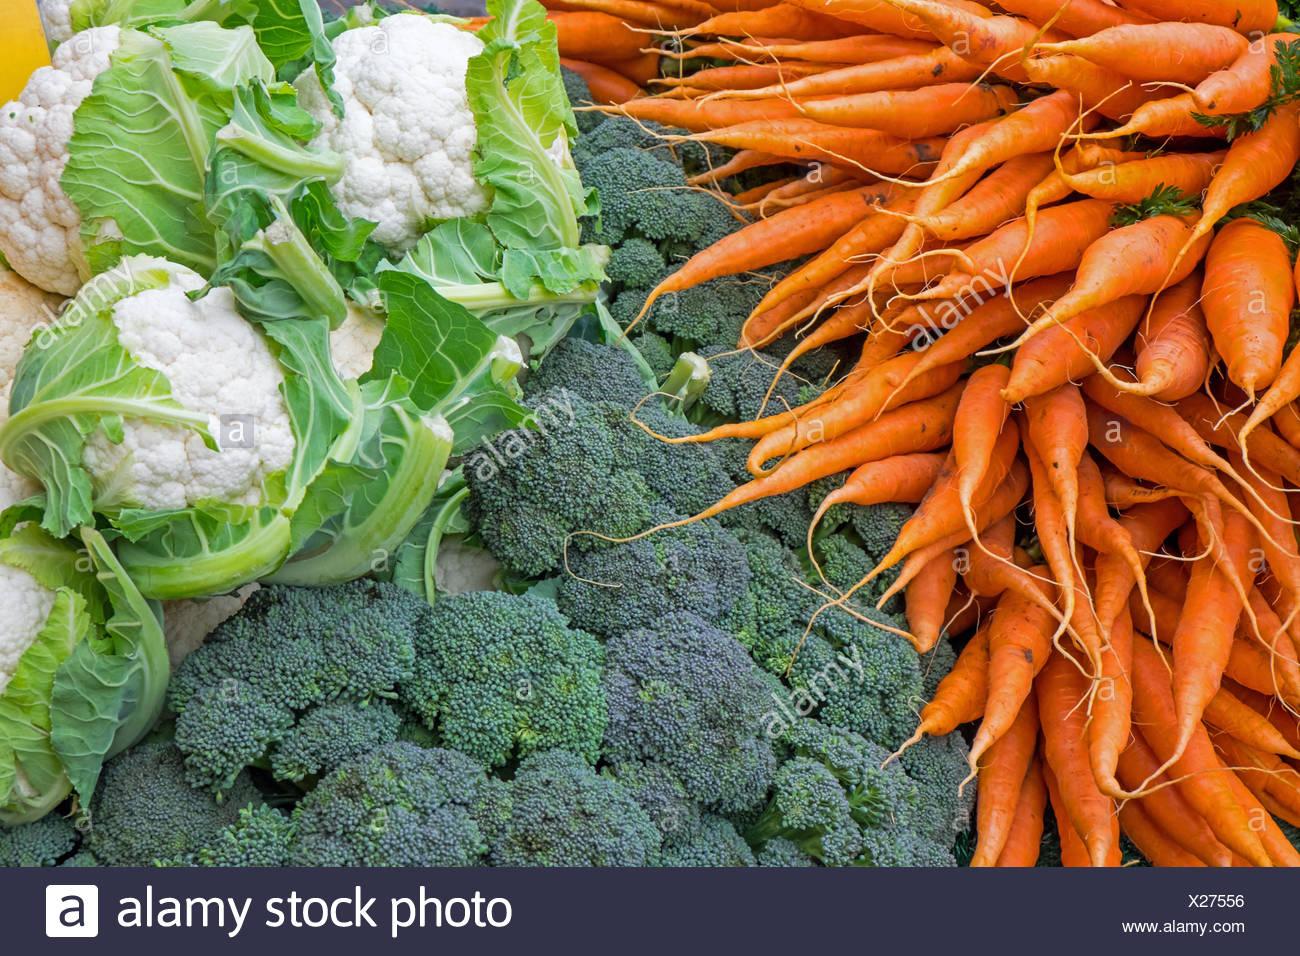 Zanahoria Y Brocoli – El brócoli tal vez sea uno de los vegetales menos preferidos por las personas, sobre todo por los niños.